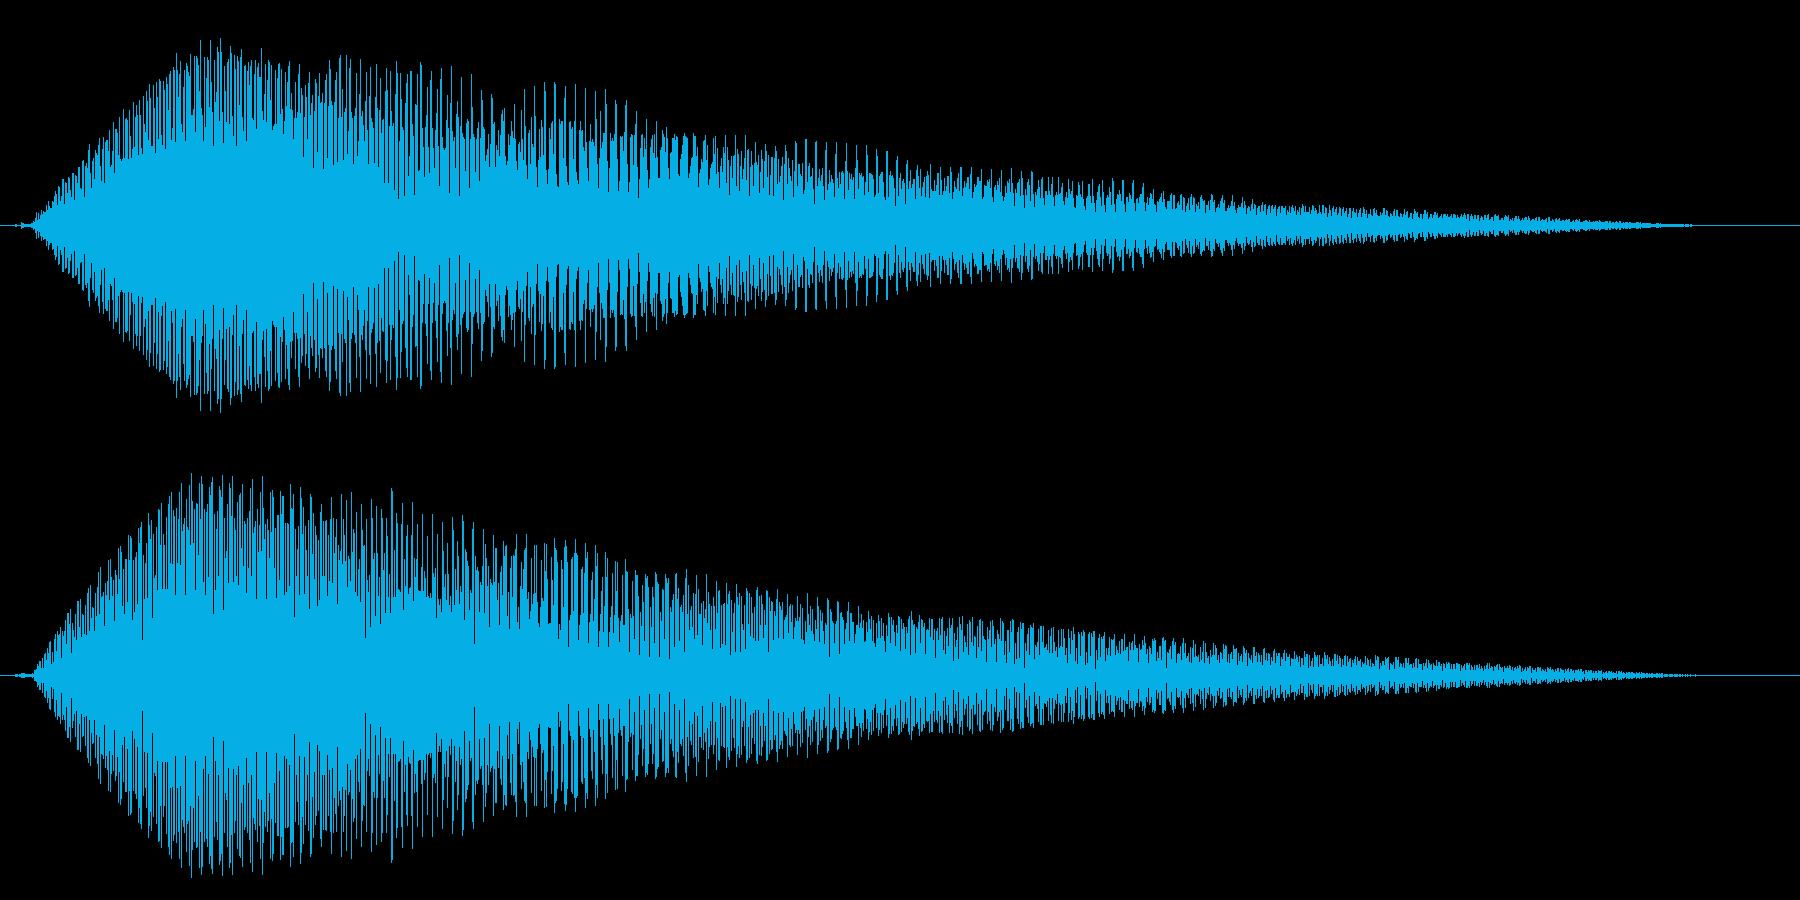 ホラー系アタック音66の再生済みの波形